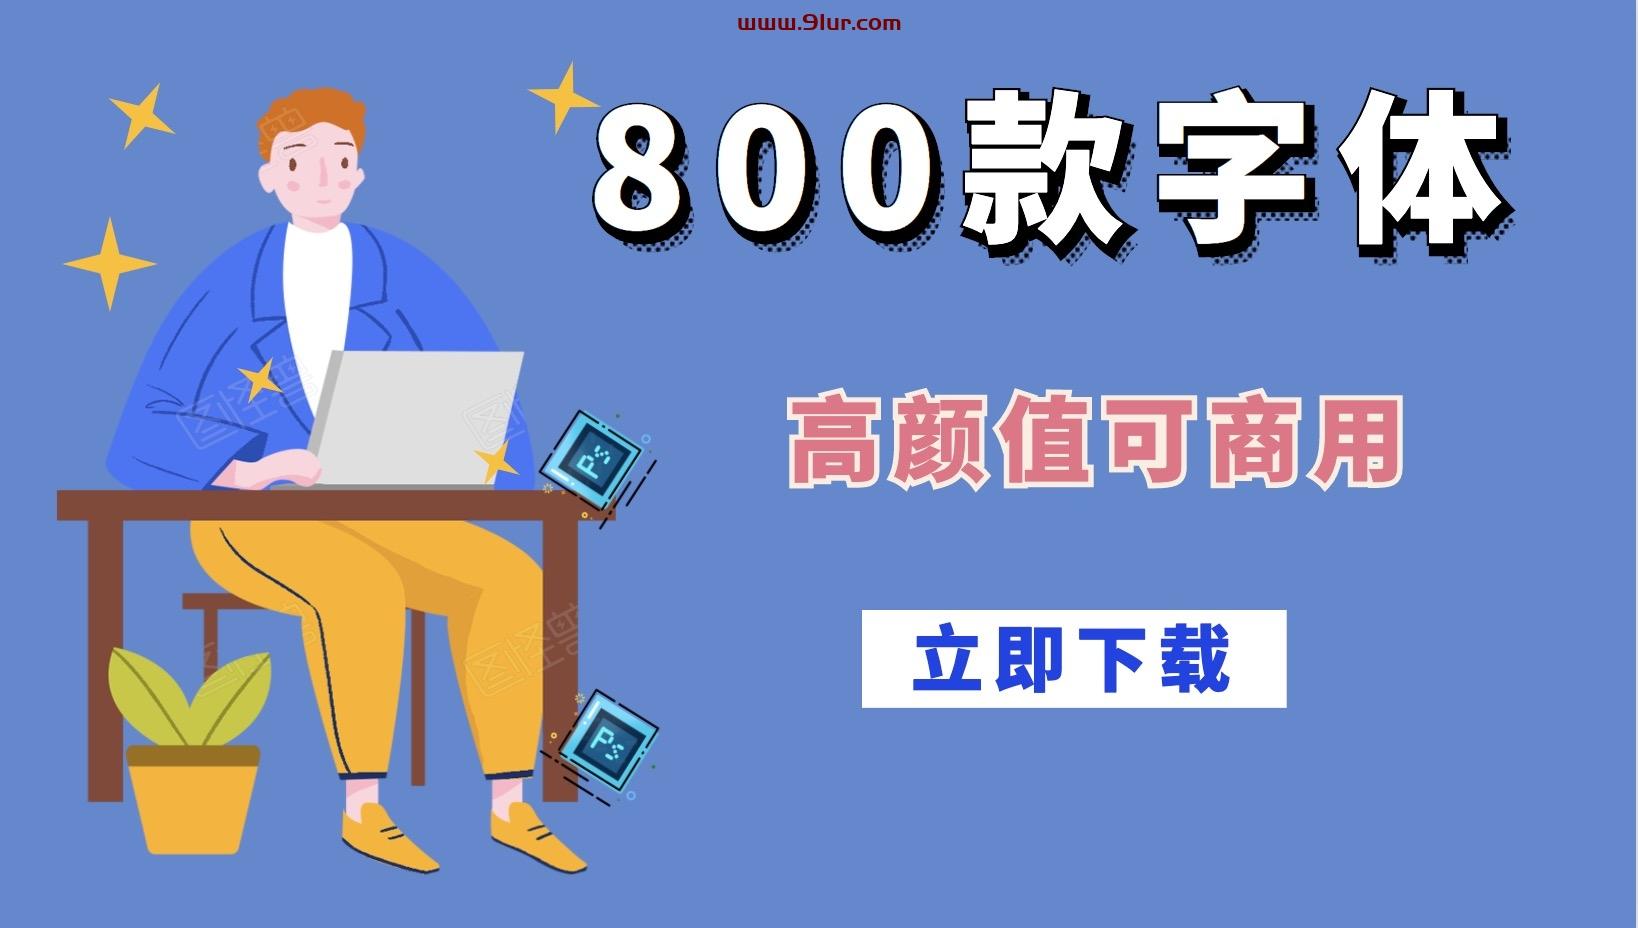 790款高颜值字体百度网盘下载,漂亮的高颜值中文日文英语字体!(可商用)